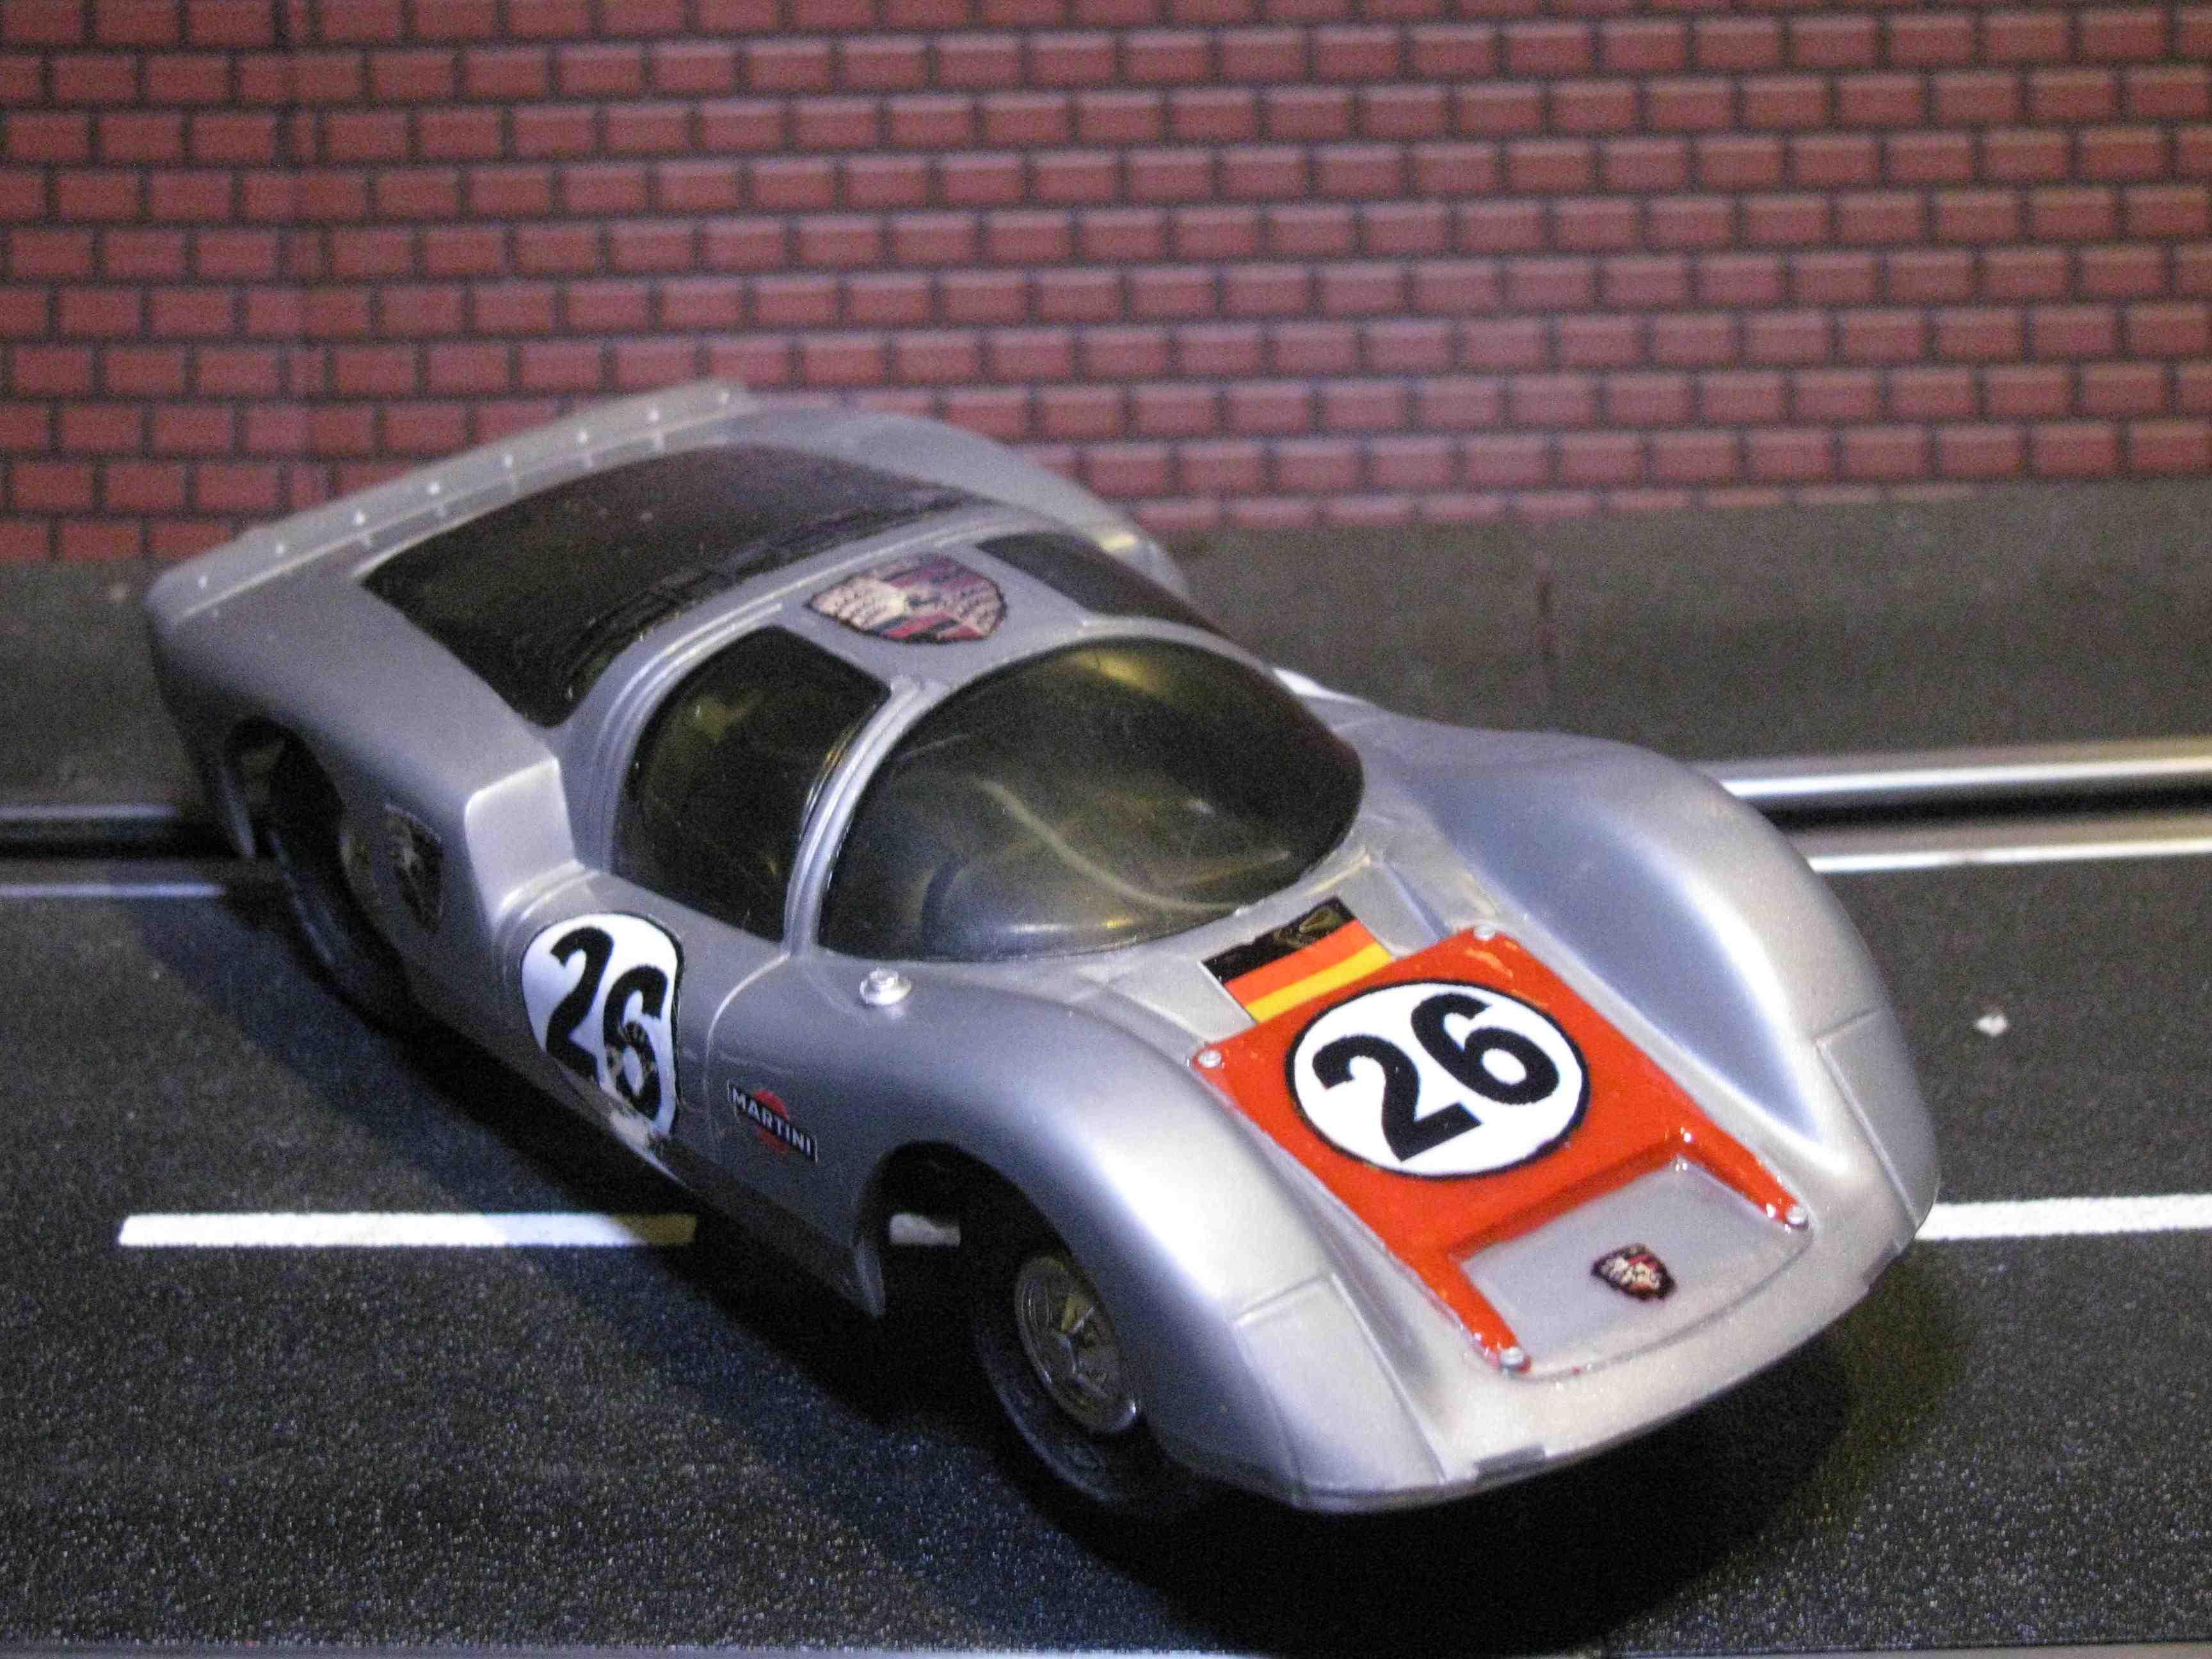 * SOLD * Eldon 1966 Porsche Carrera 6 Slot Car – Silver – Car #26 – 1/32 Scale